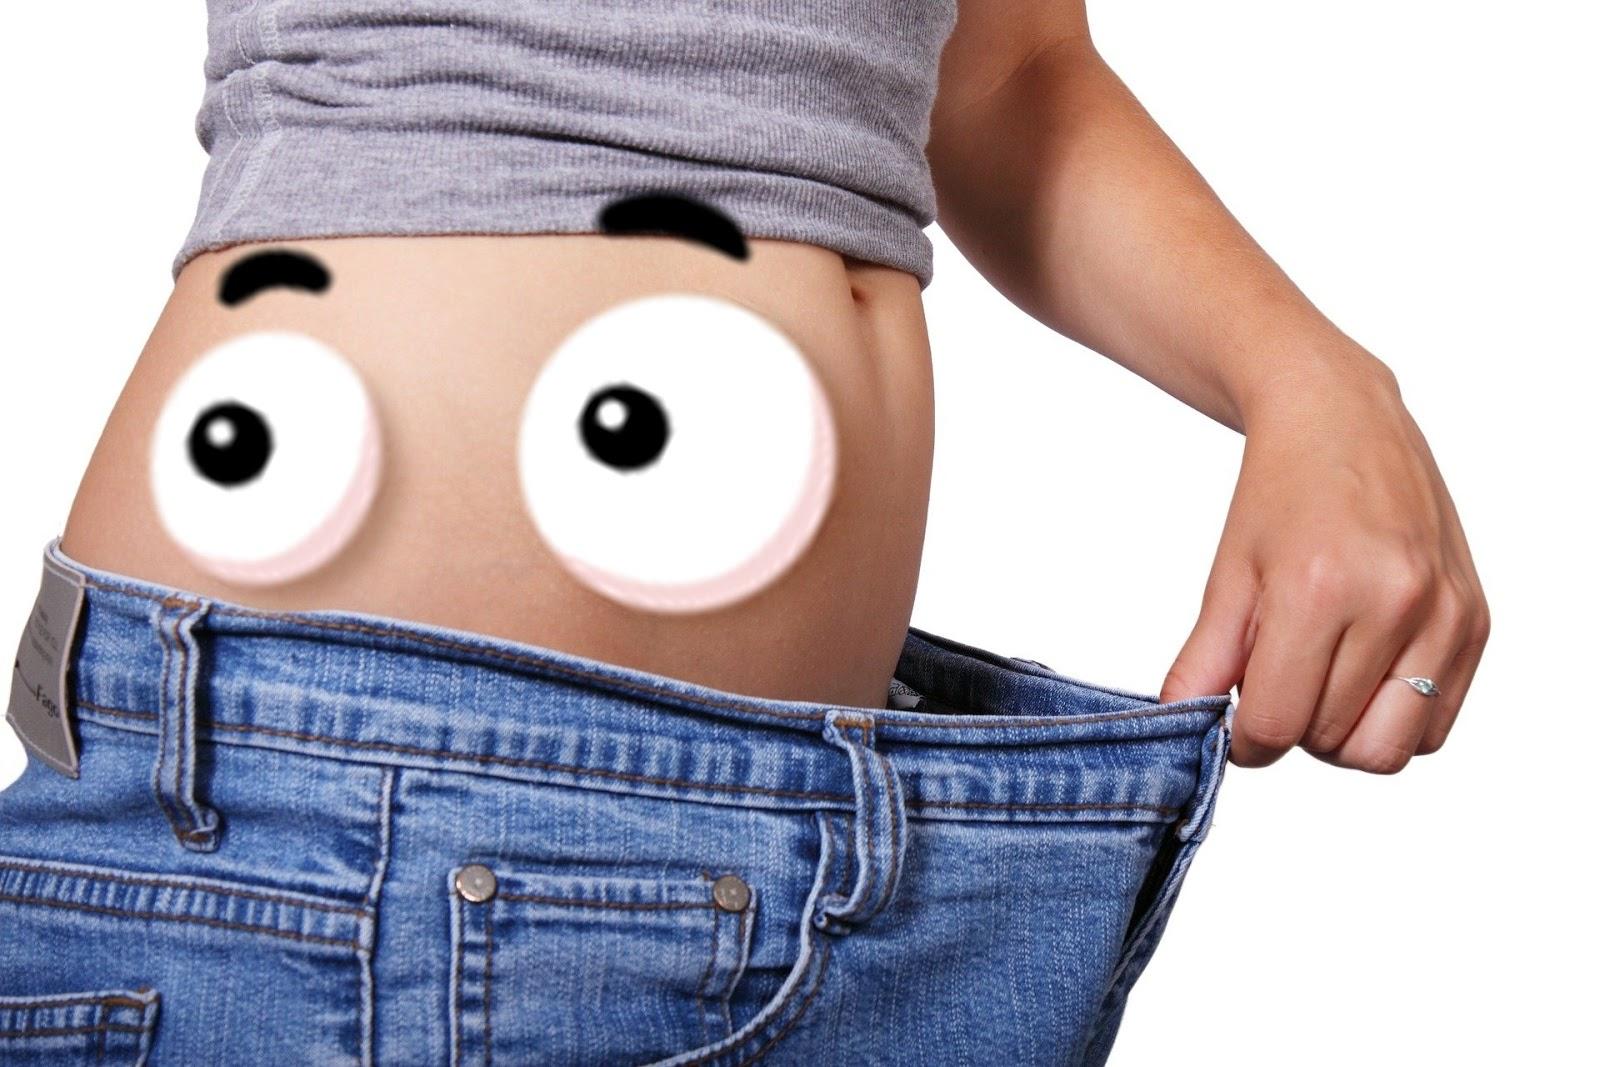 ابدأ خطة لفقدان الوزن